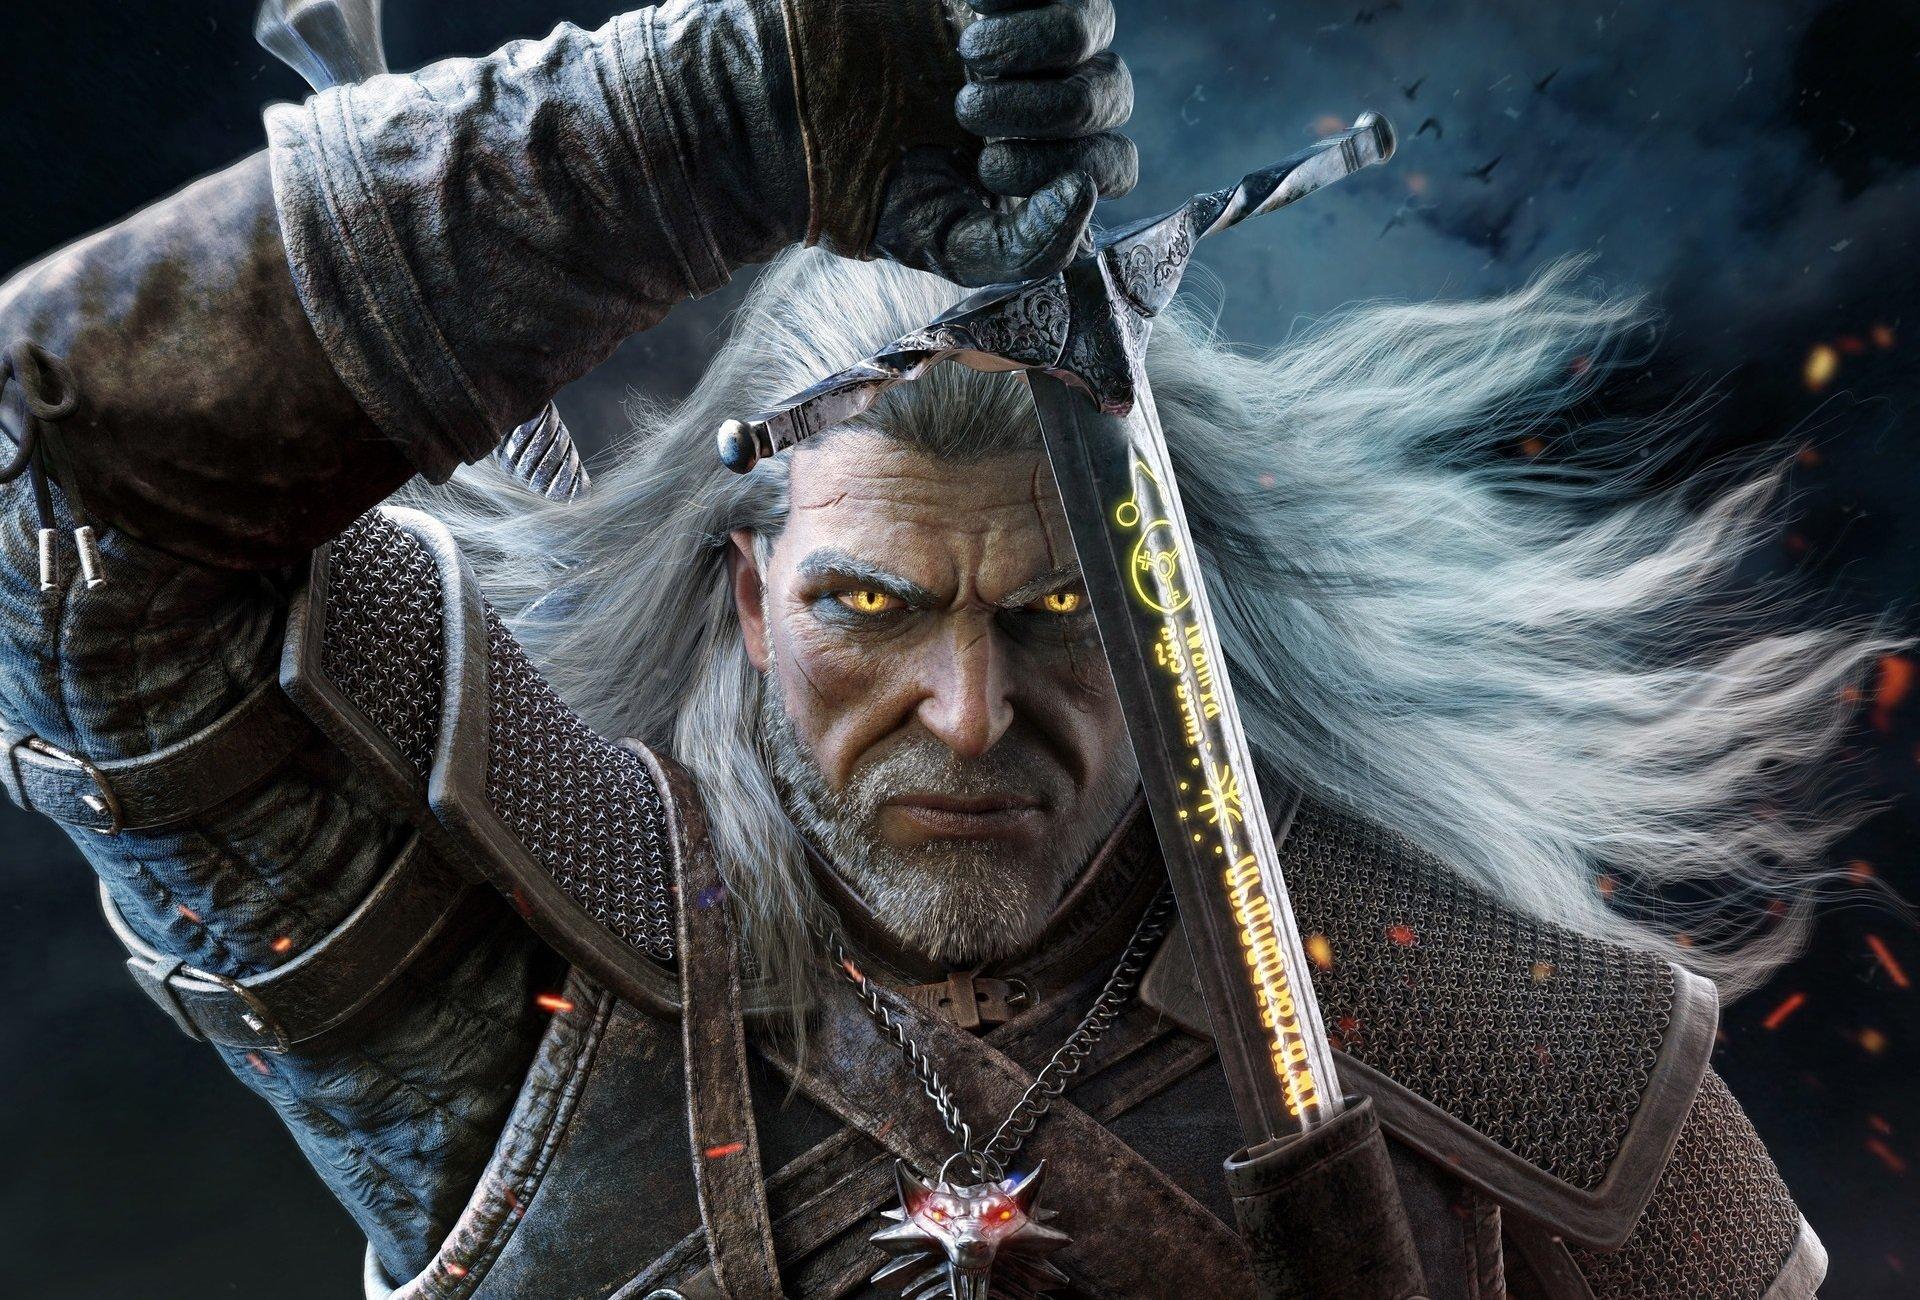 Tudo que você precisa saber sobre The Witcher, a próxima série de fantasia da Netflix